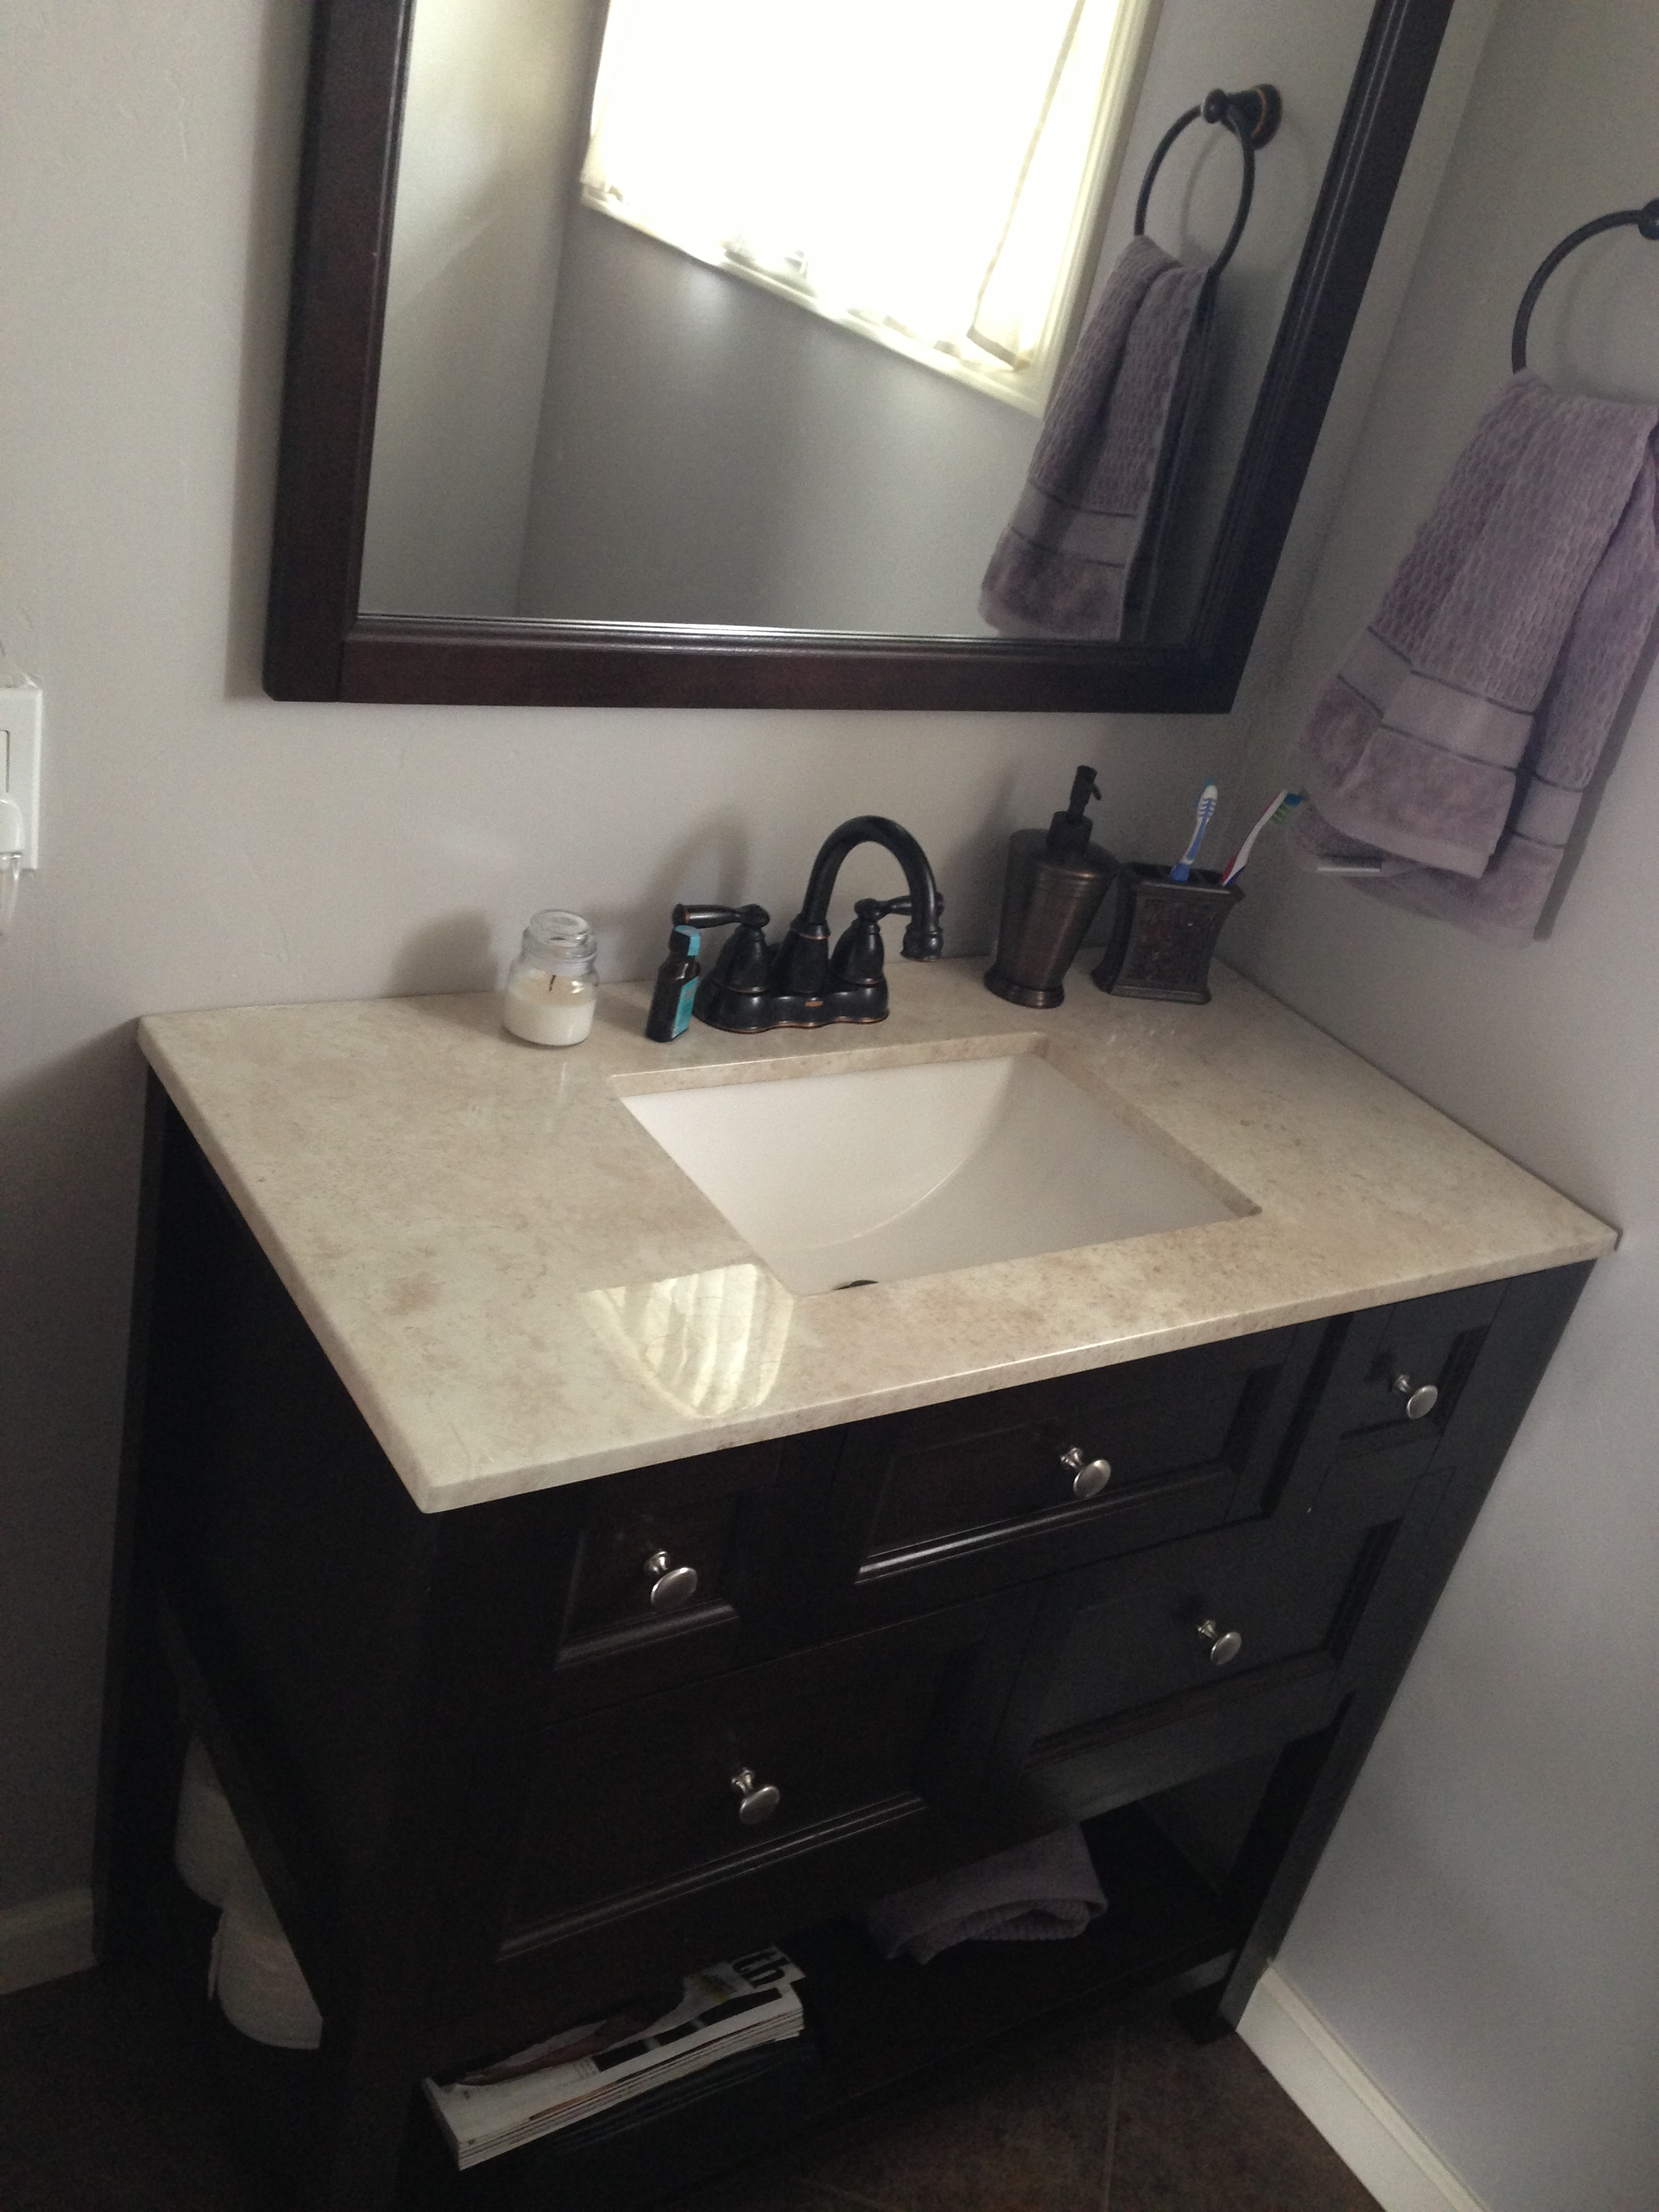 Bathroom Vanity Mirrors Home Depot. Bathroom Vanitys